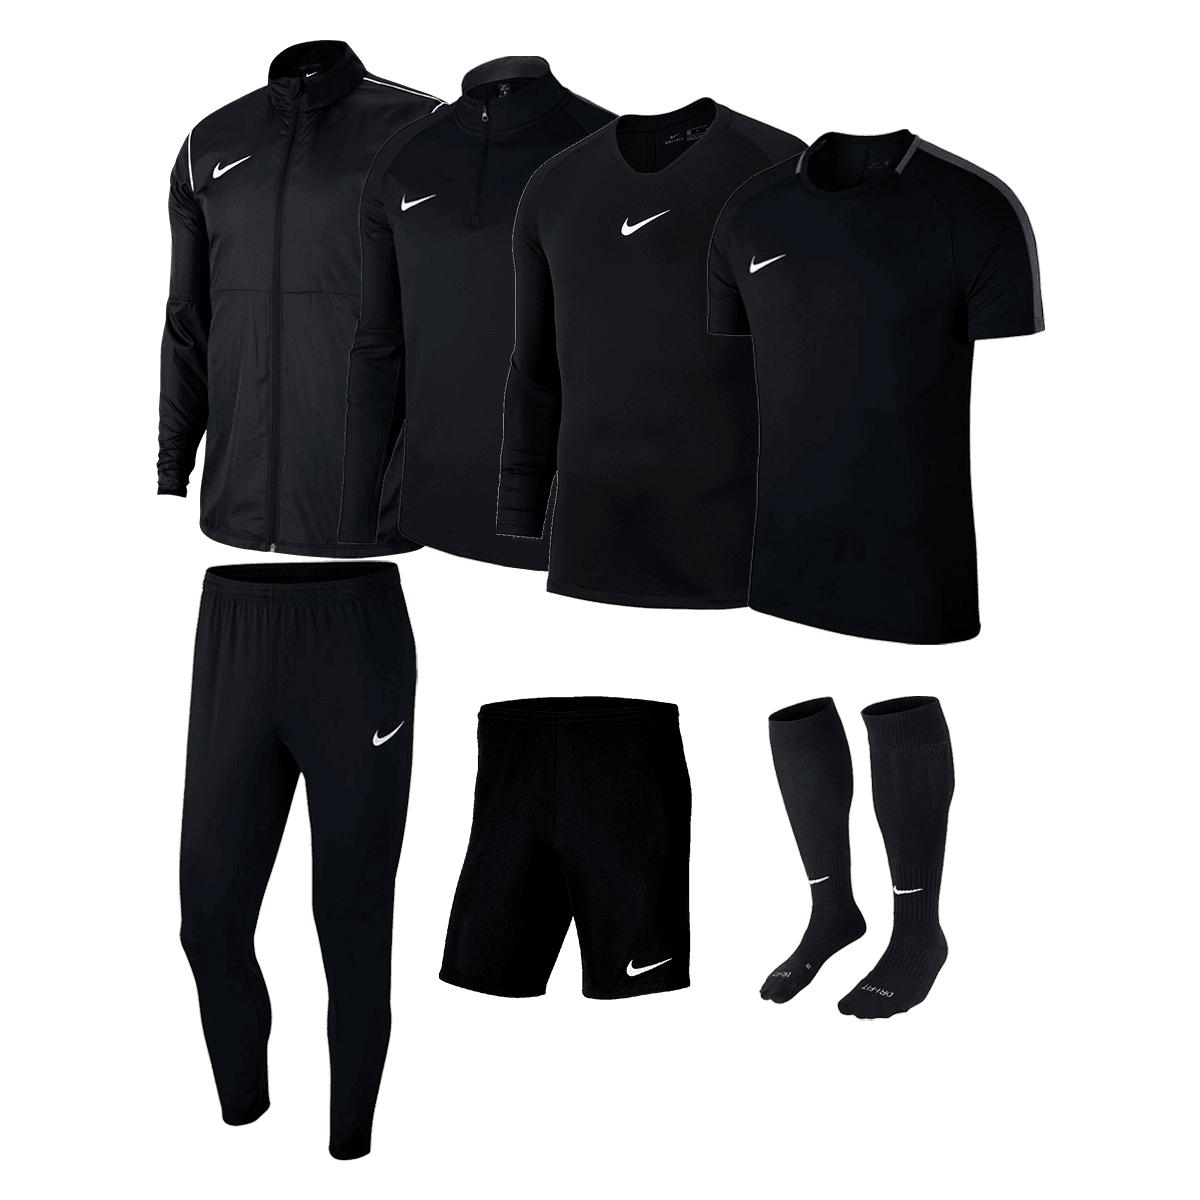 Ensemble d'entraînement Nike Academy 18 - 7 pièces, différents coloris et tailles